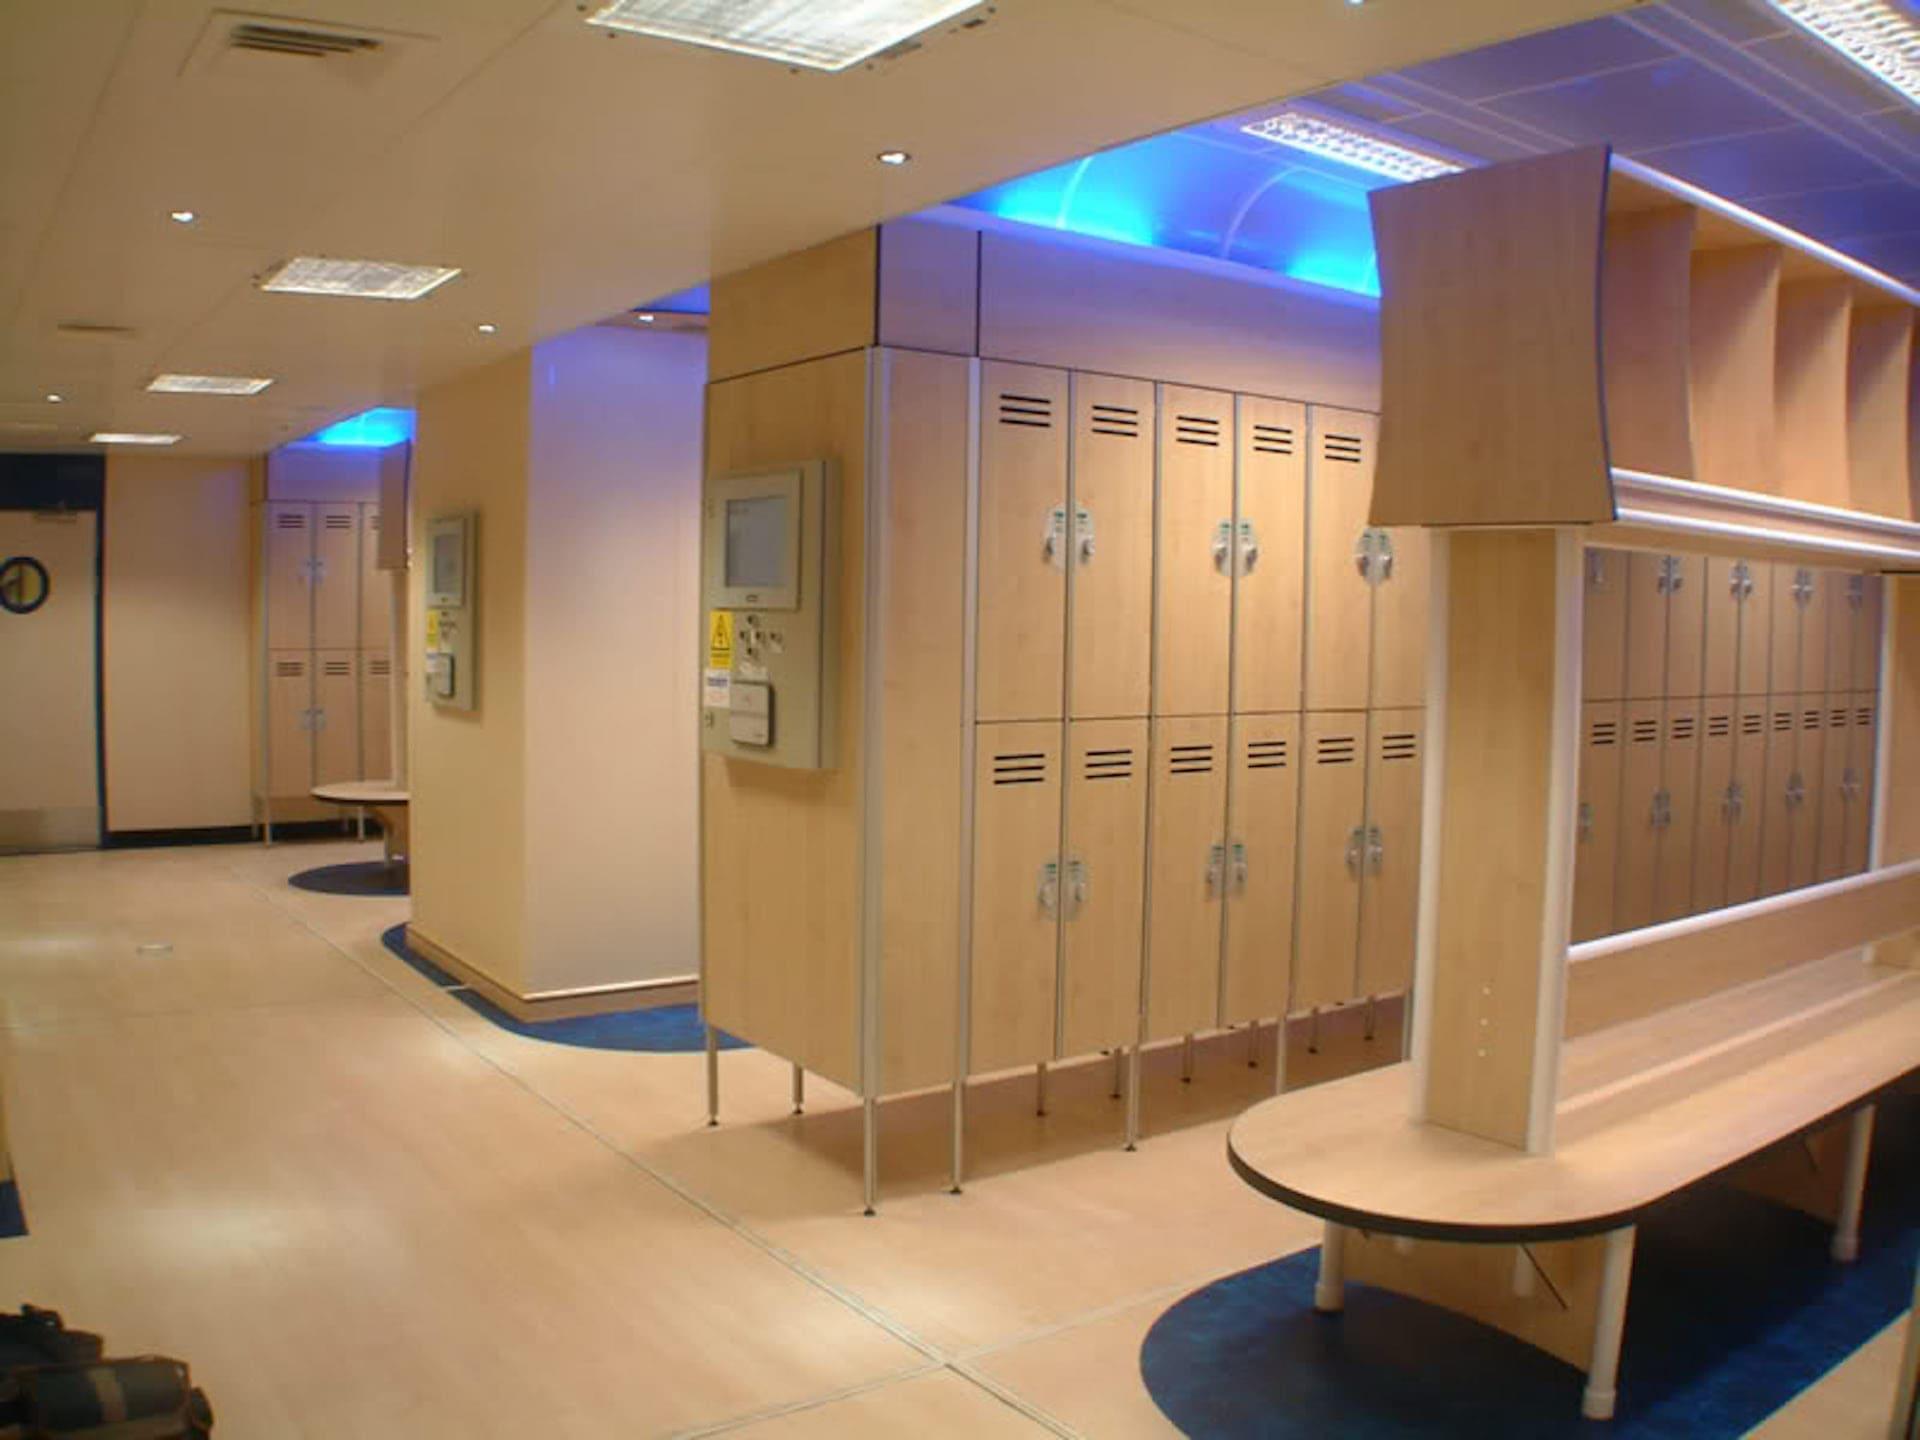 Buzzard locker room